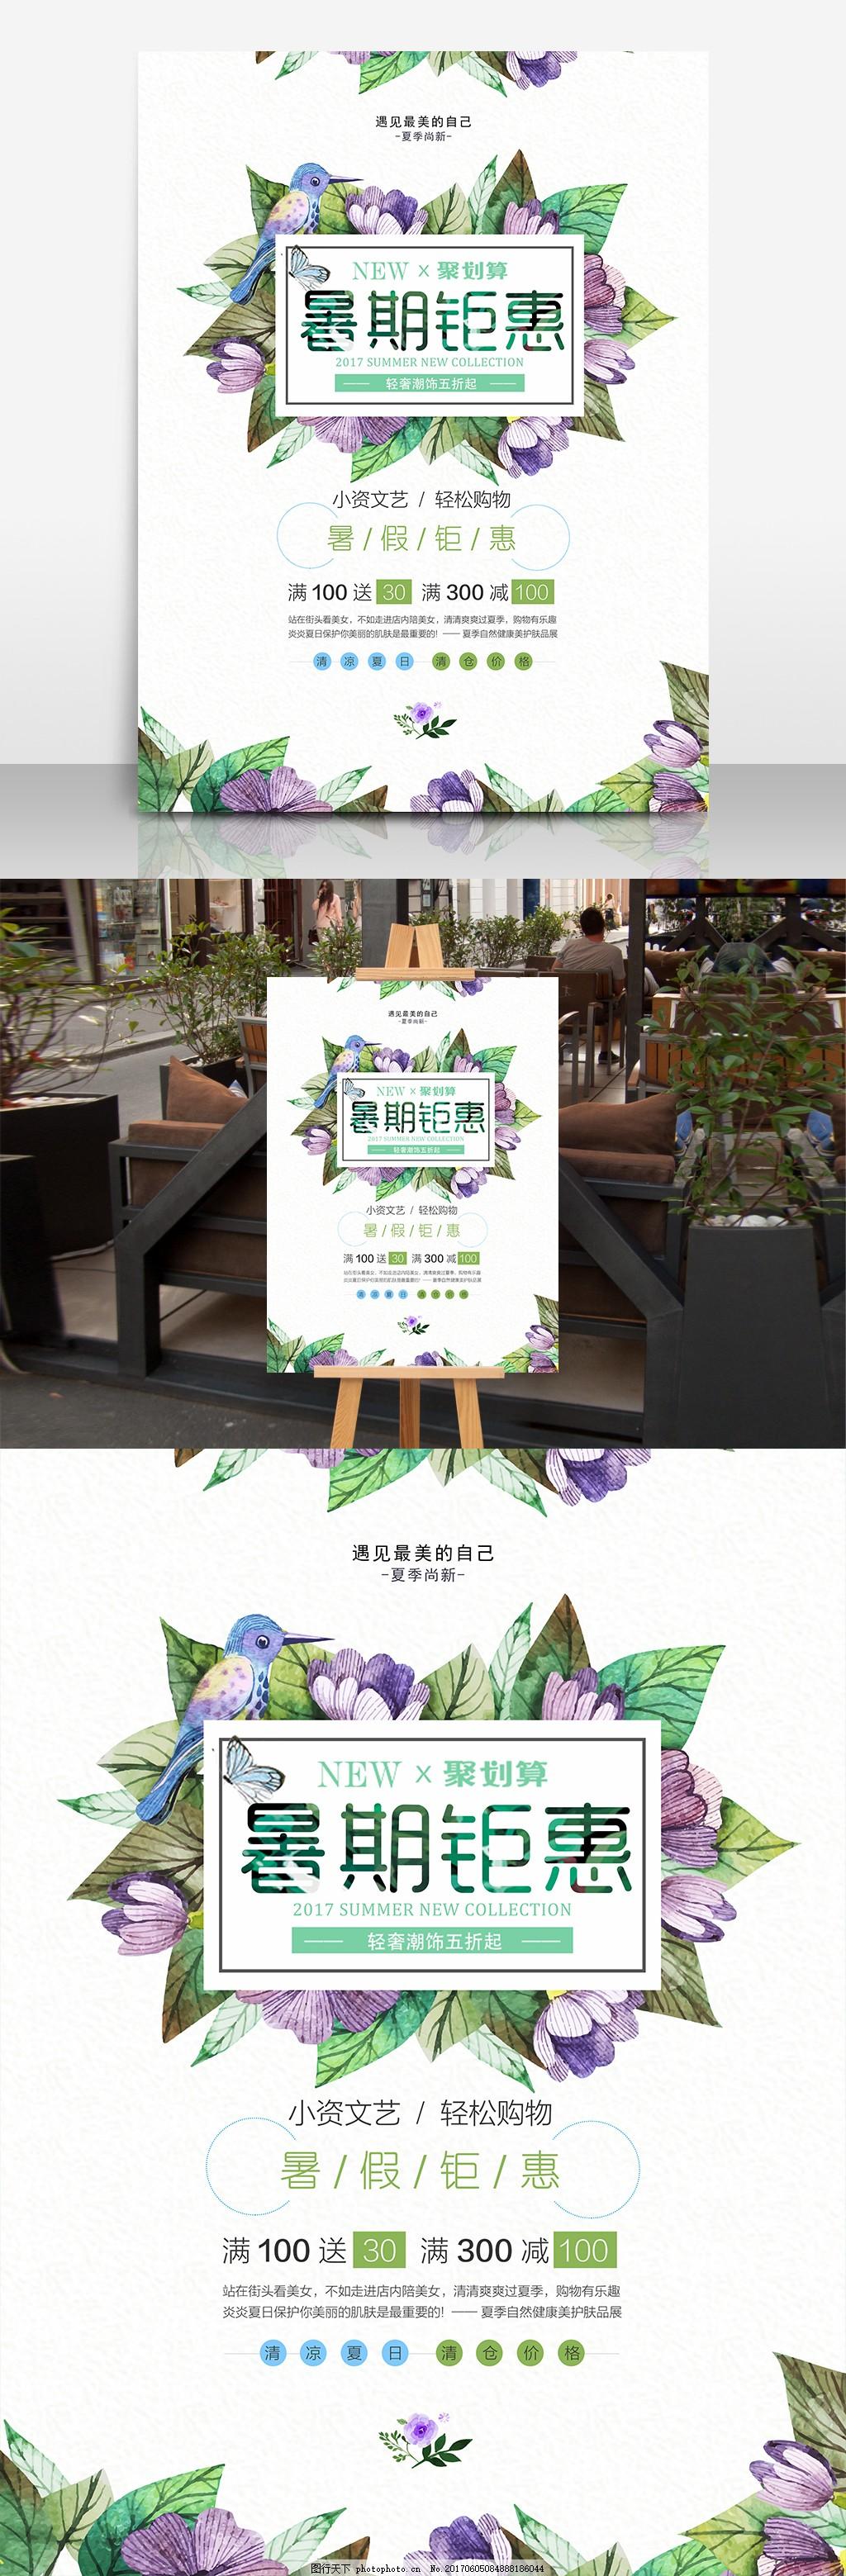 森系清新花鸟暑期钜惠夏季促销海报 夏季 促销 打折 暑期钜惠 服装店